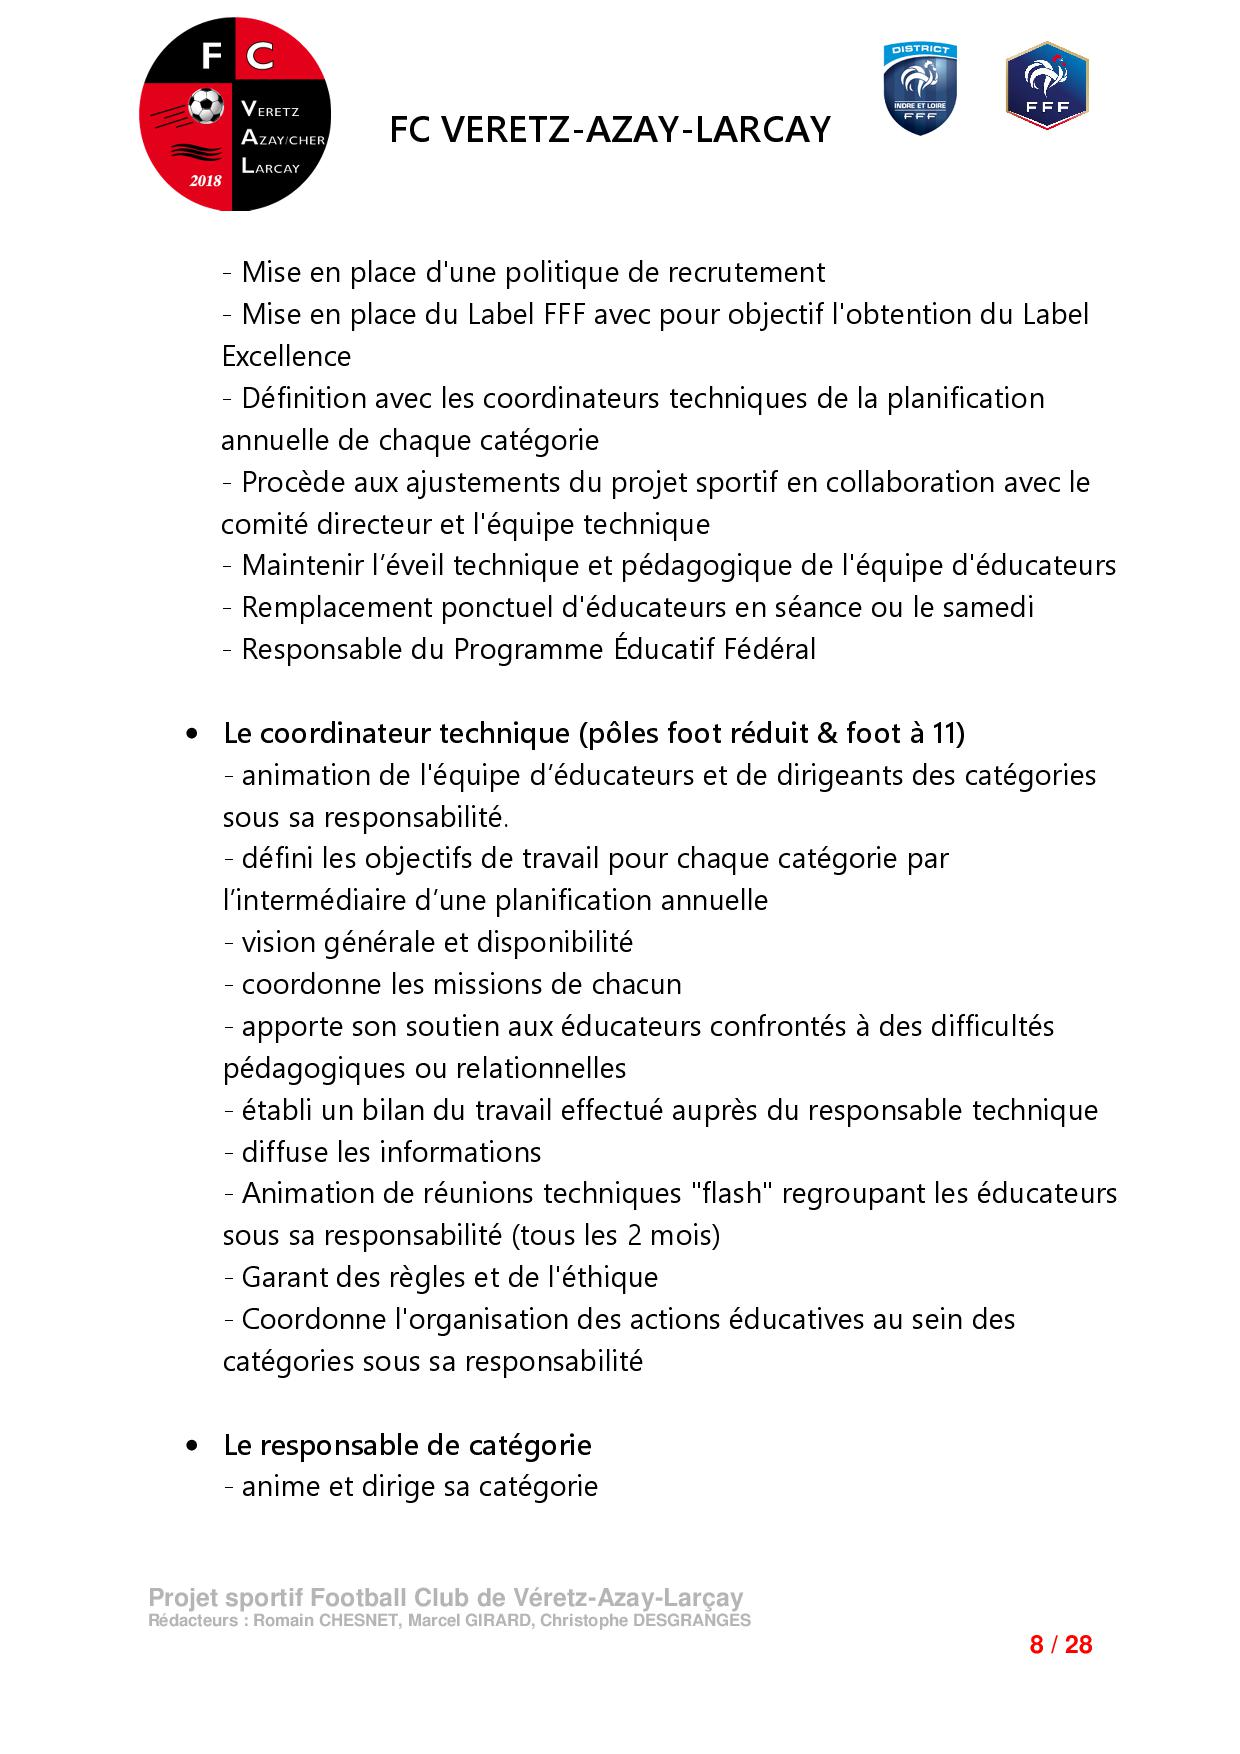 projet_sportif_2017-202008.jpg